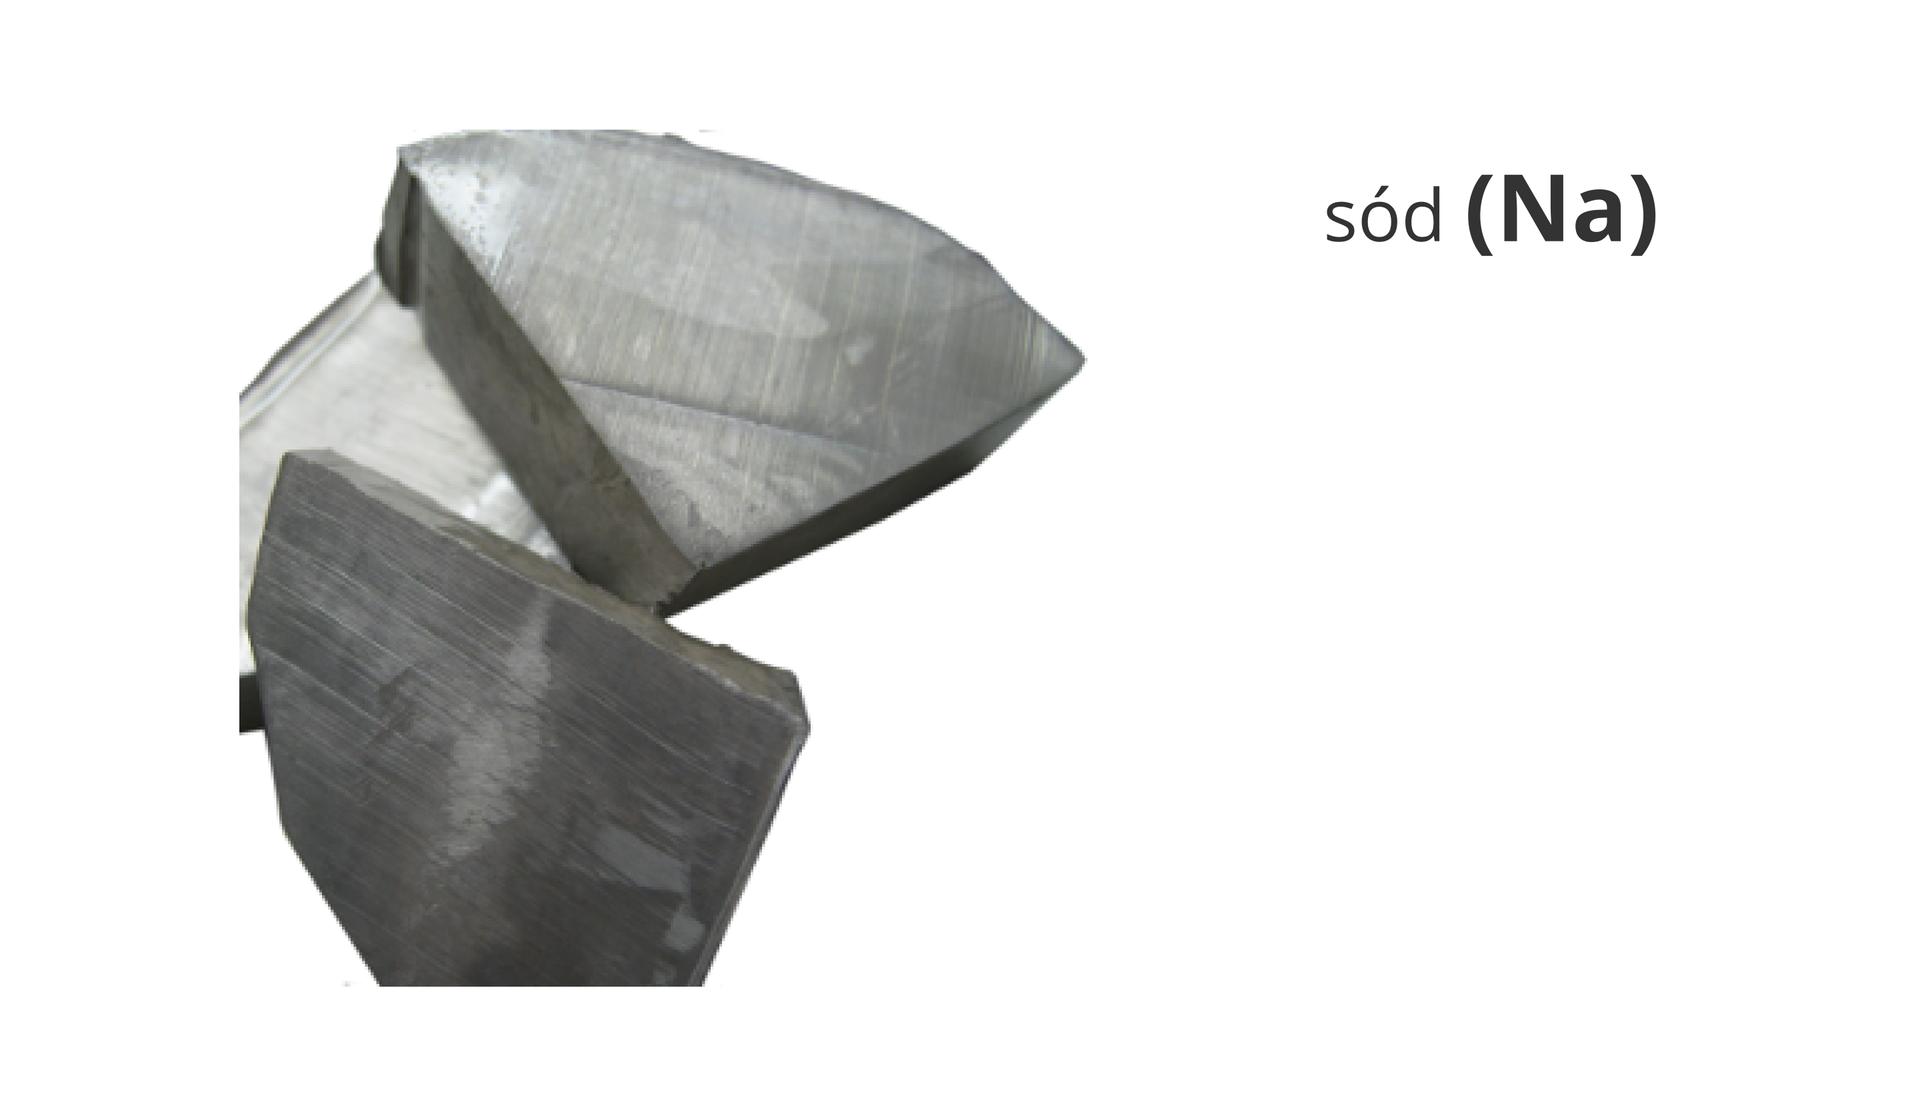 Zdjęcie przedstawia bryłki metalicznego sodu. Obok widnieje napis sód ijego symbol Na.